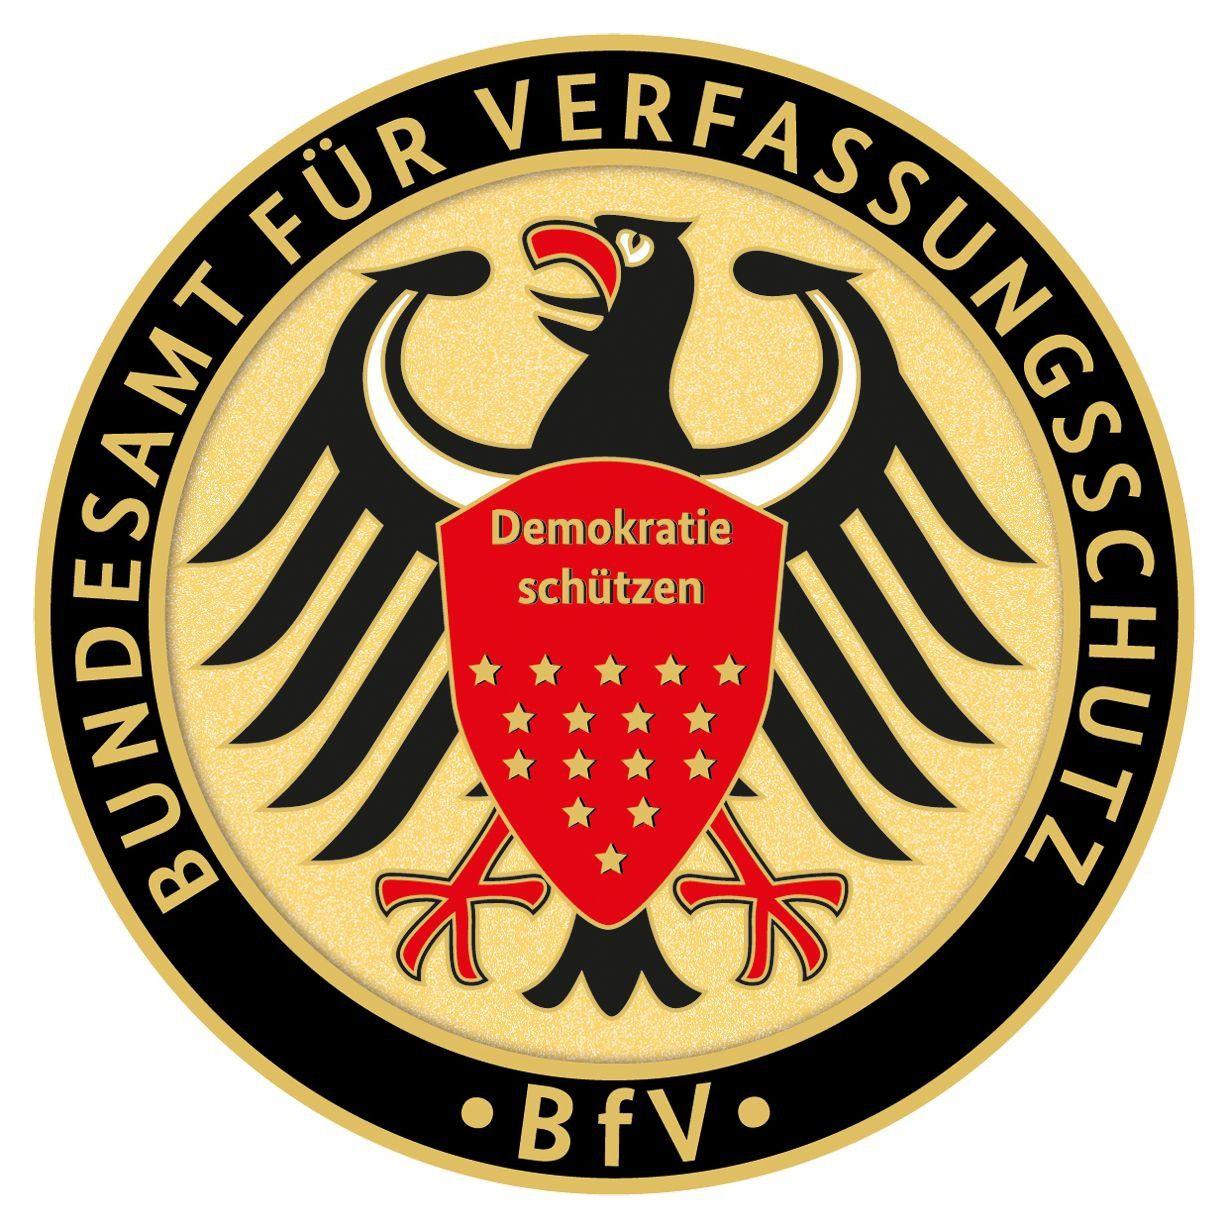 Bundesverfassungsschutz